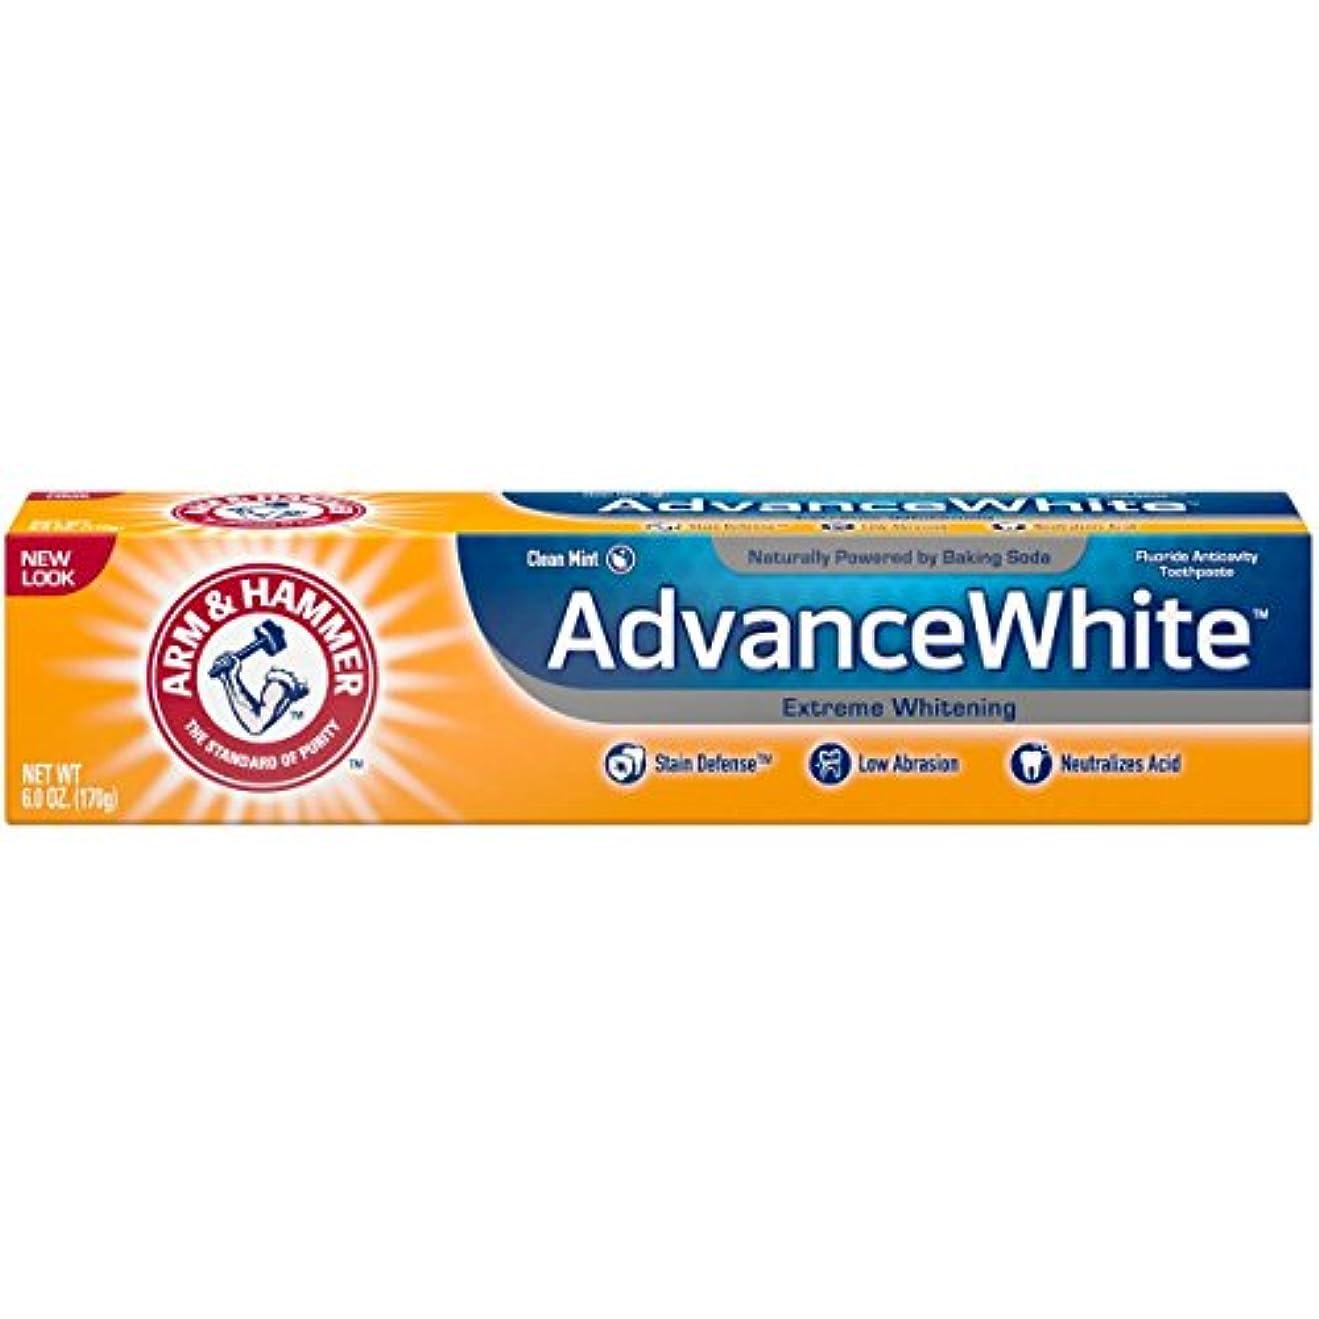 決めます不足靴下Arm & Hammer アドバンスホワイトエクストリームホワイトニングで染色防衛の歯磨き粉、6オズ(3パック) 3パック